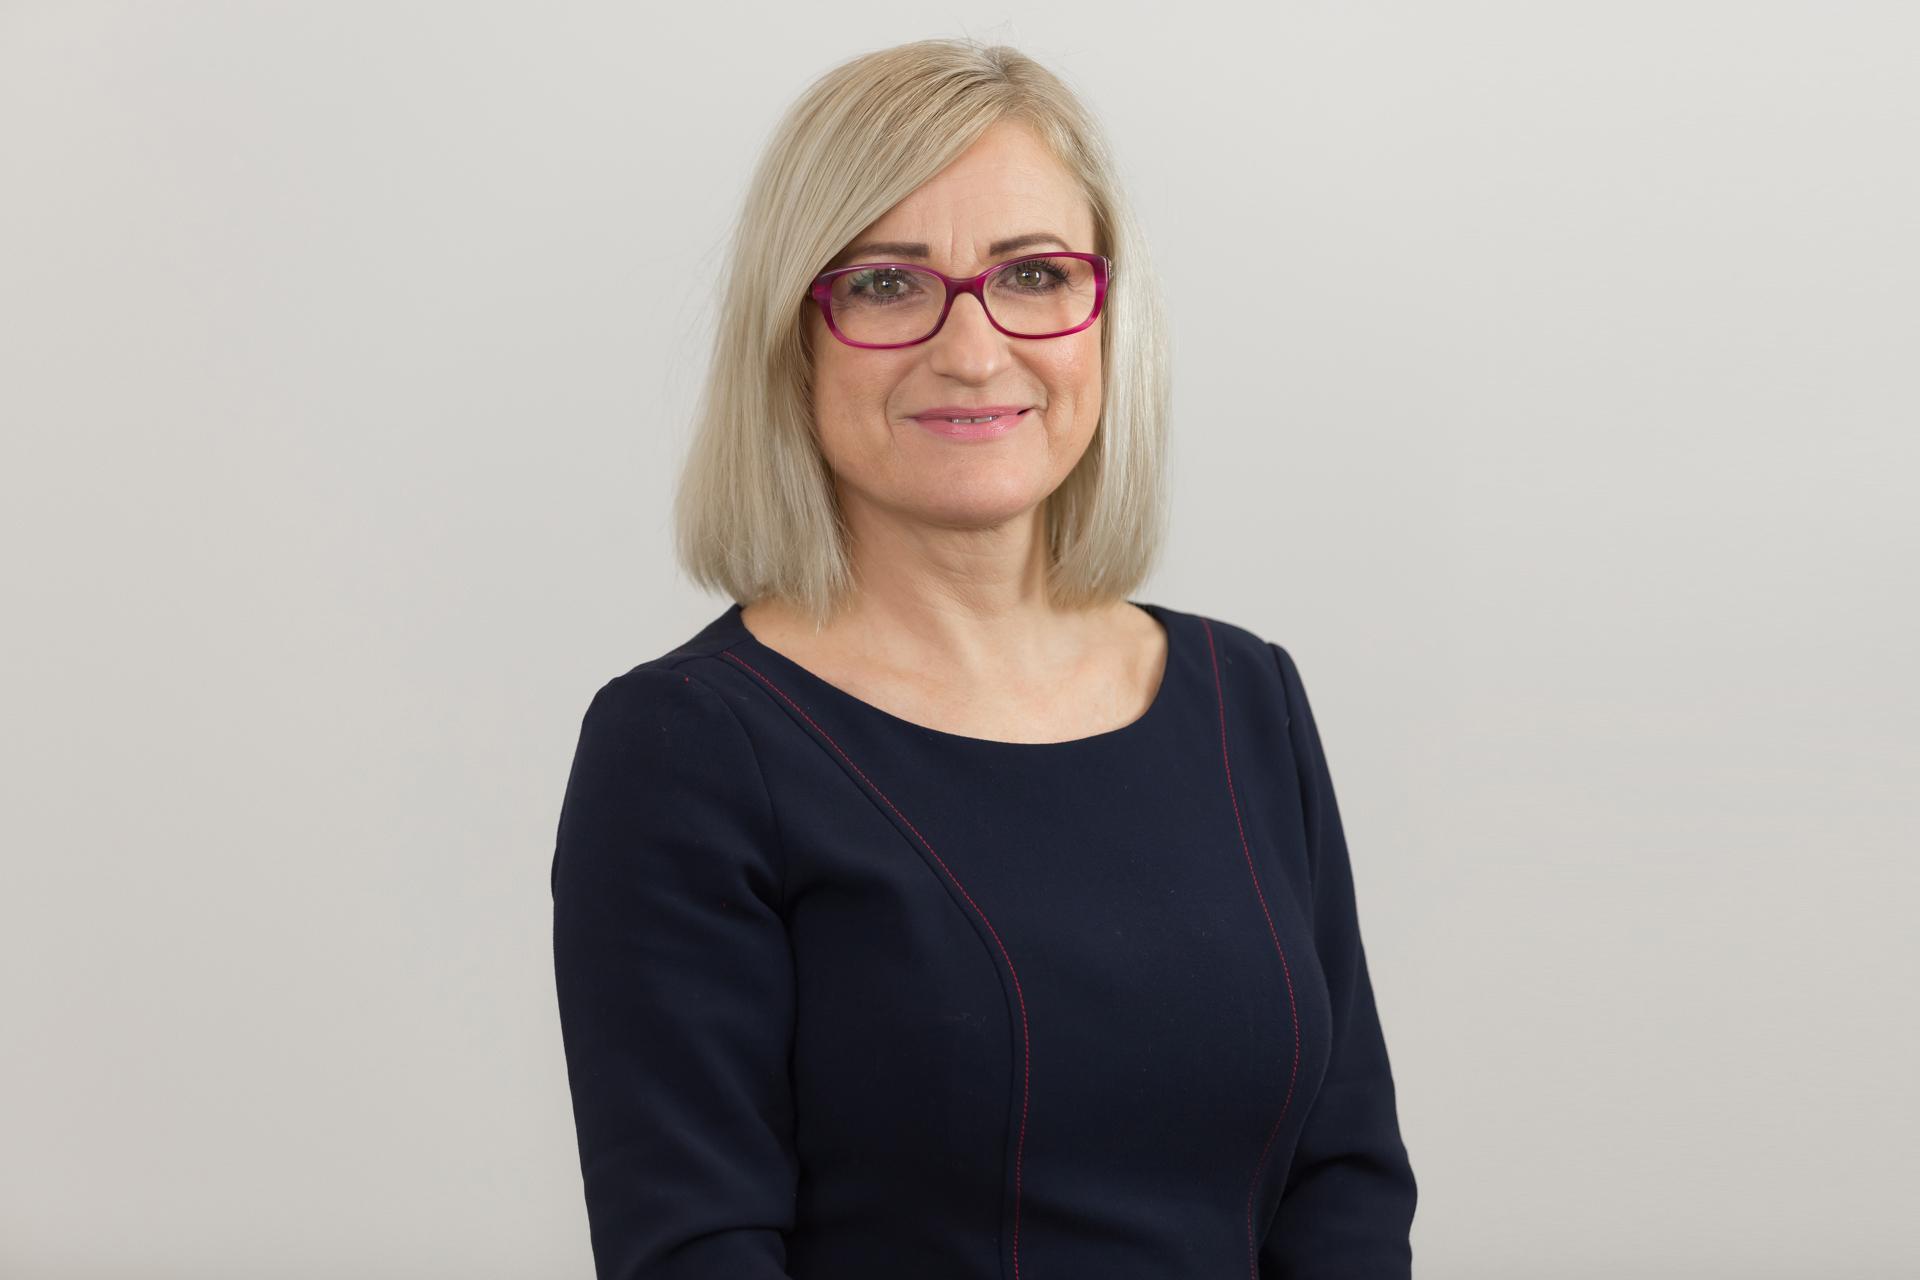 Arleta Maciejewska